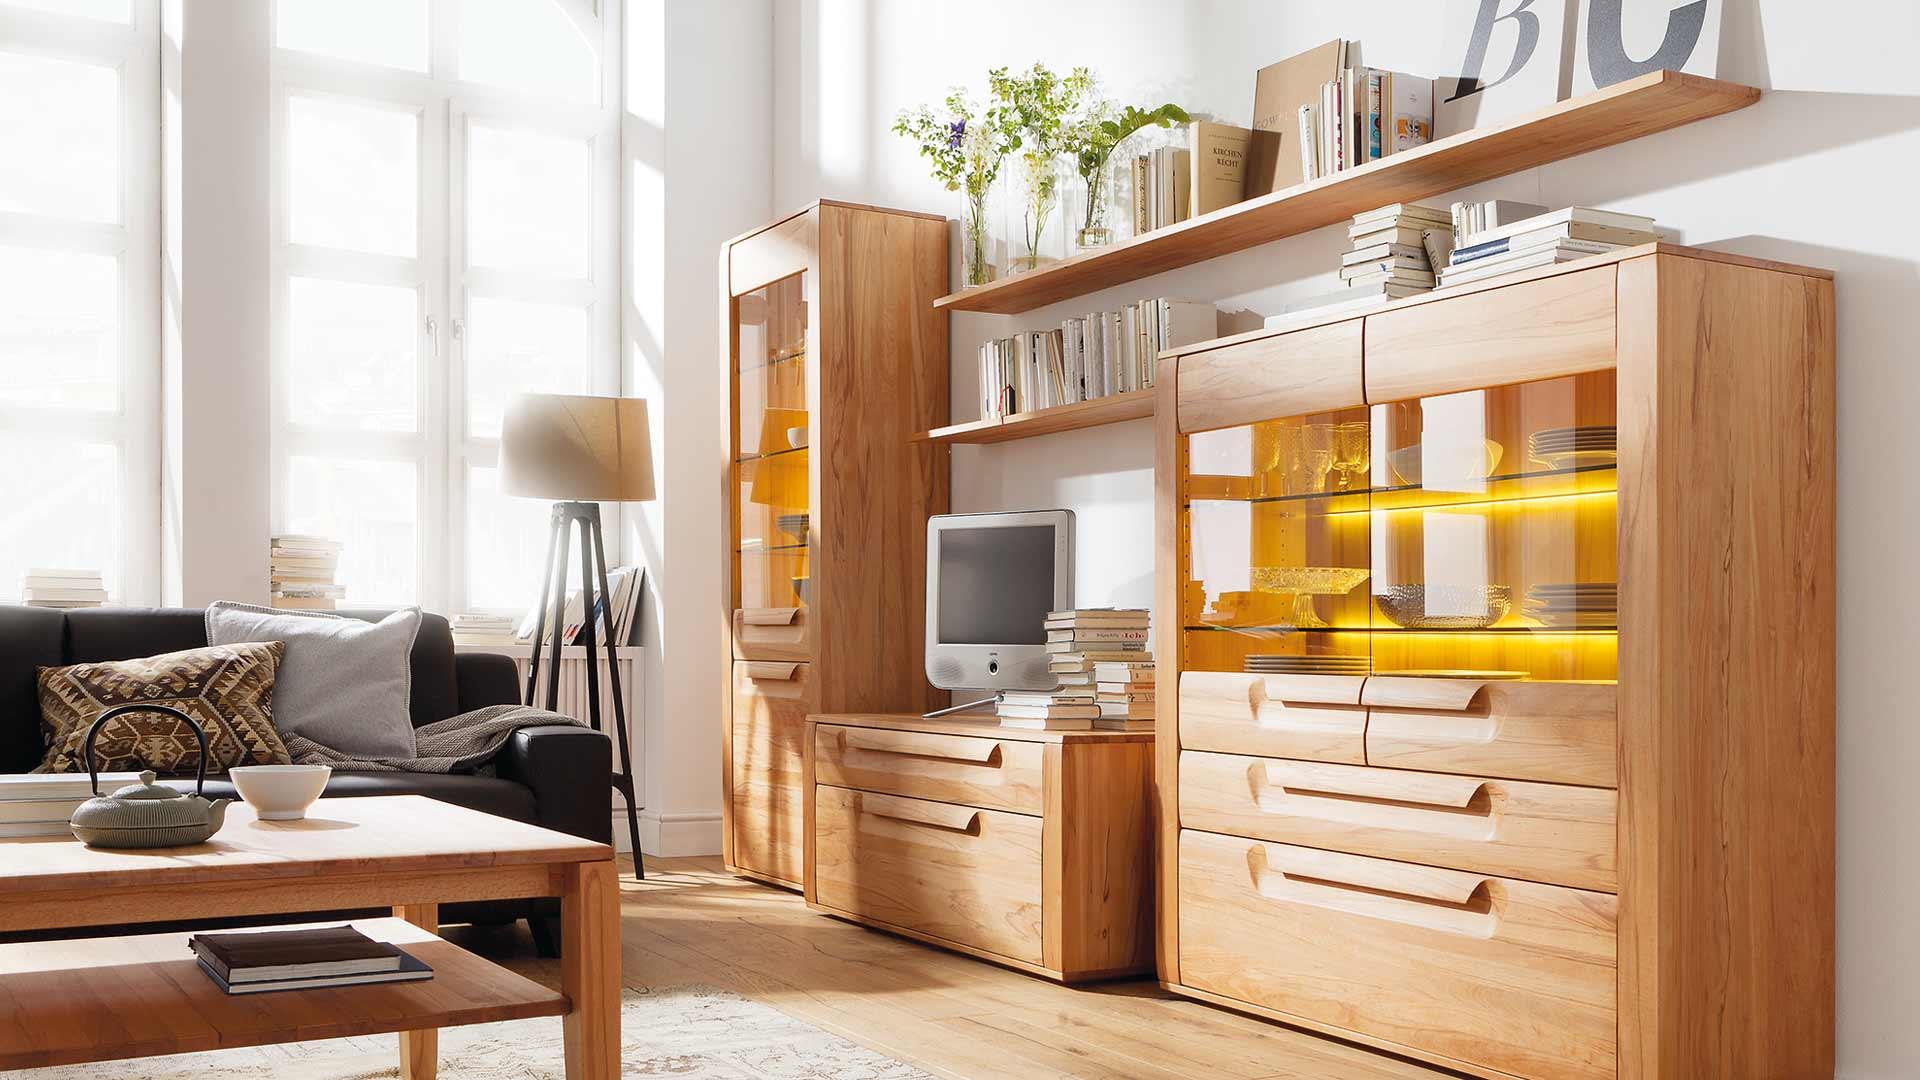 natura 4010 von natura einrichten in garbsen nahe hannover m bel hesse bestechende vielfalt. Black Bedroom Furniture Sets. Home Design Ideas